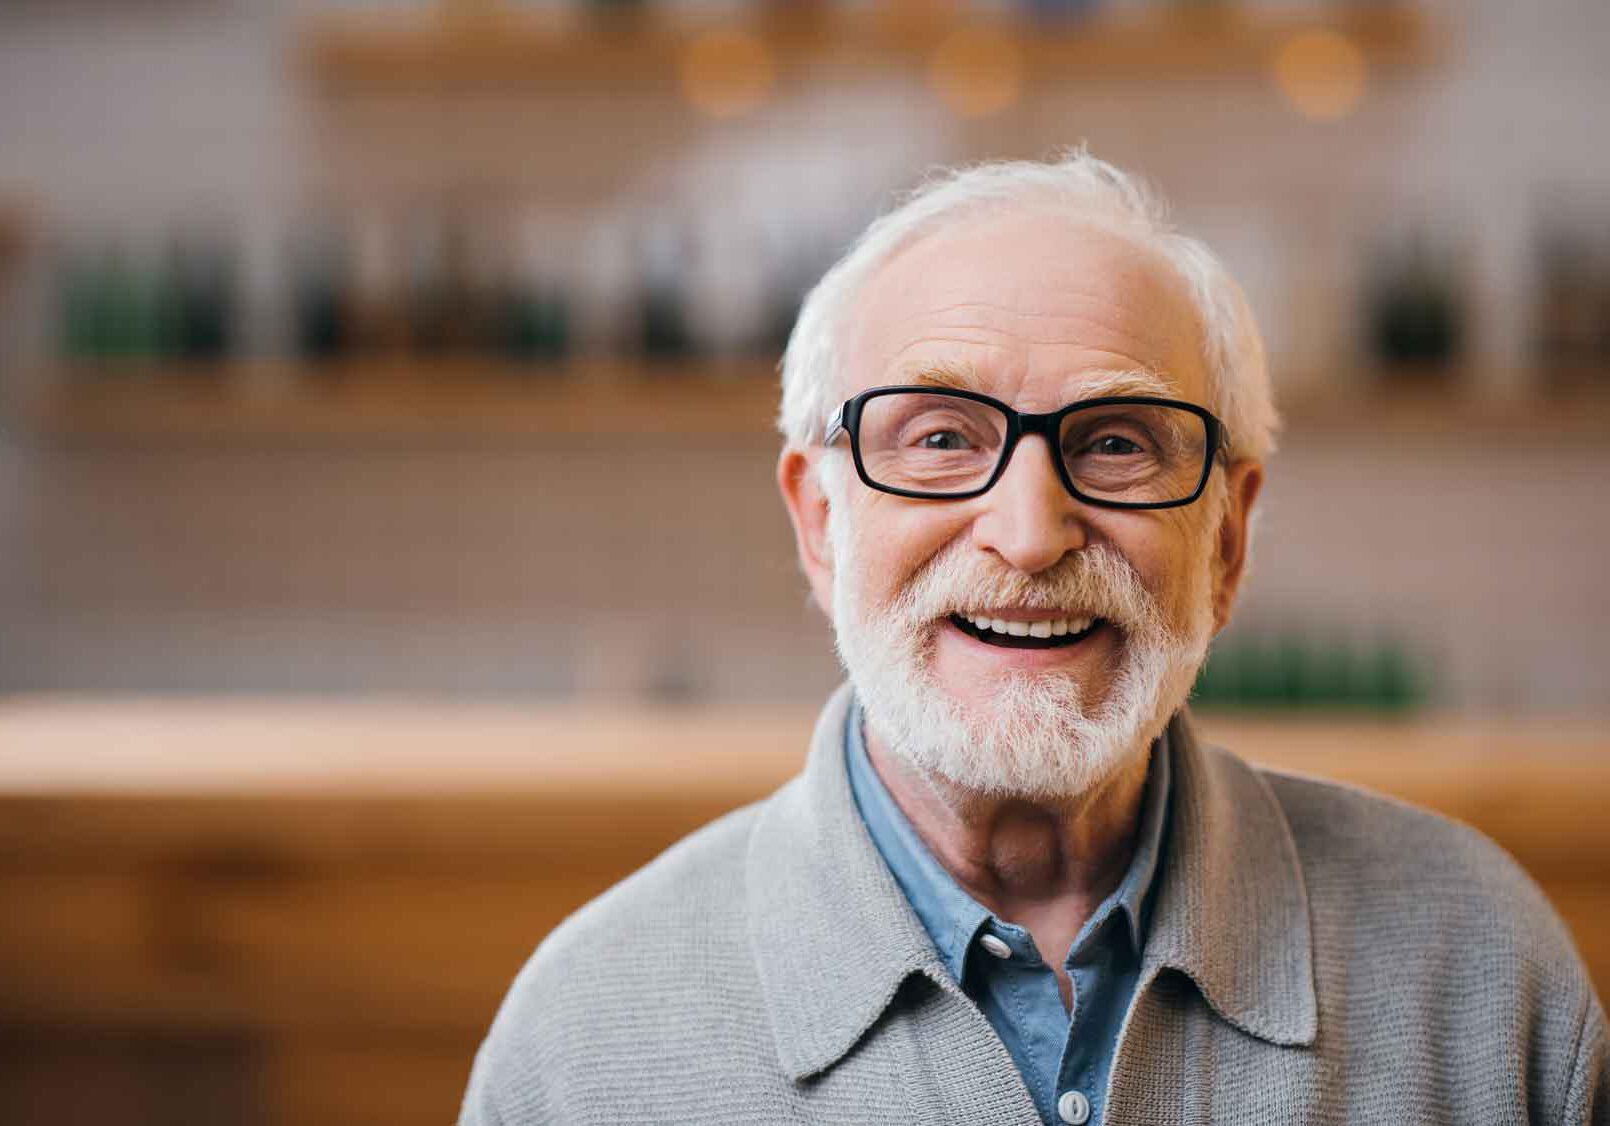 Senior-mit-Brille-in-der-Betreeung